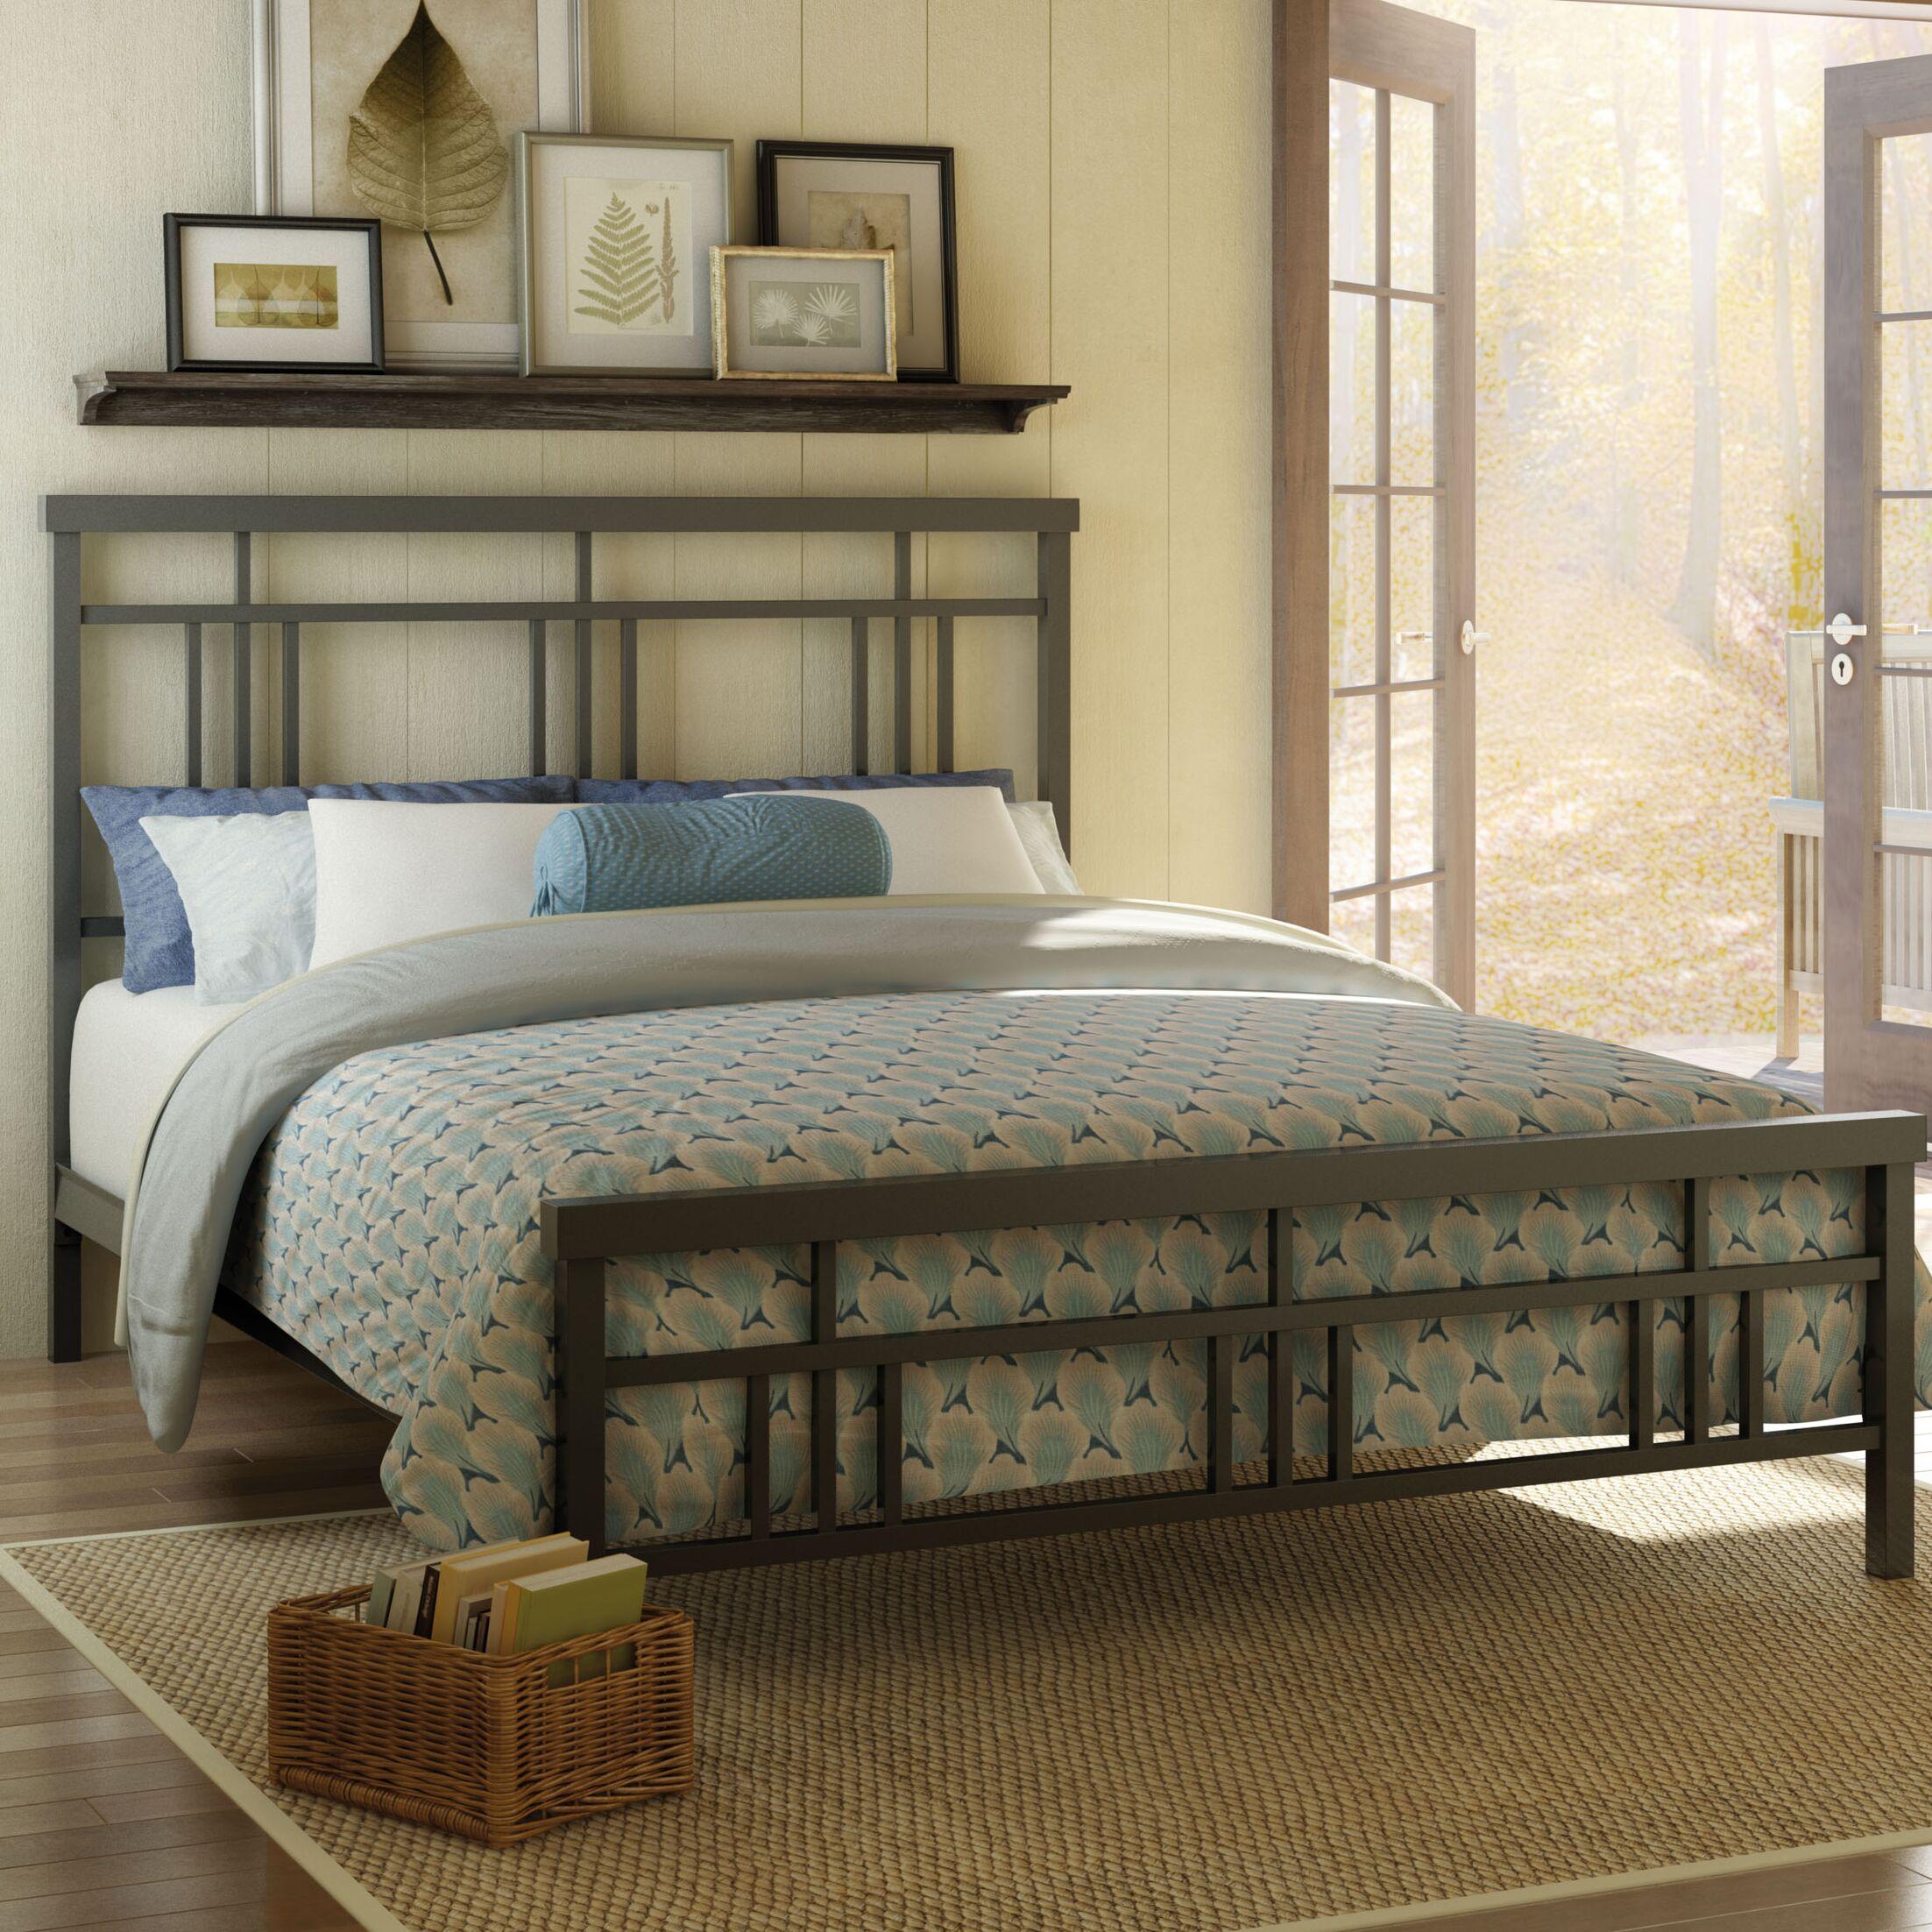 Cottage Platform Bed Size: Full, Color: Matte Dark Grey